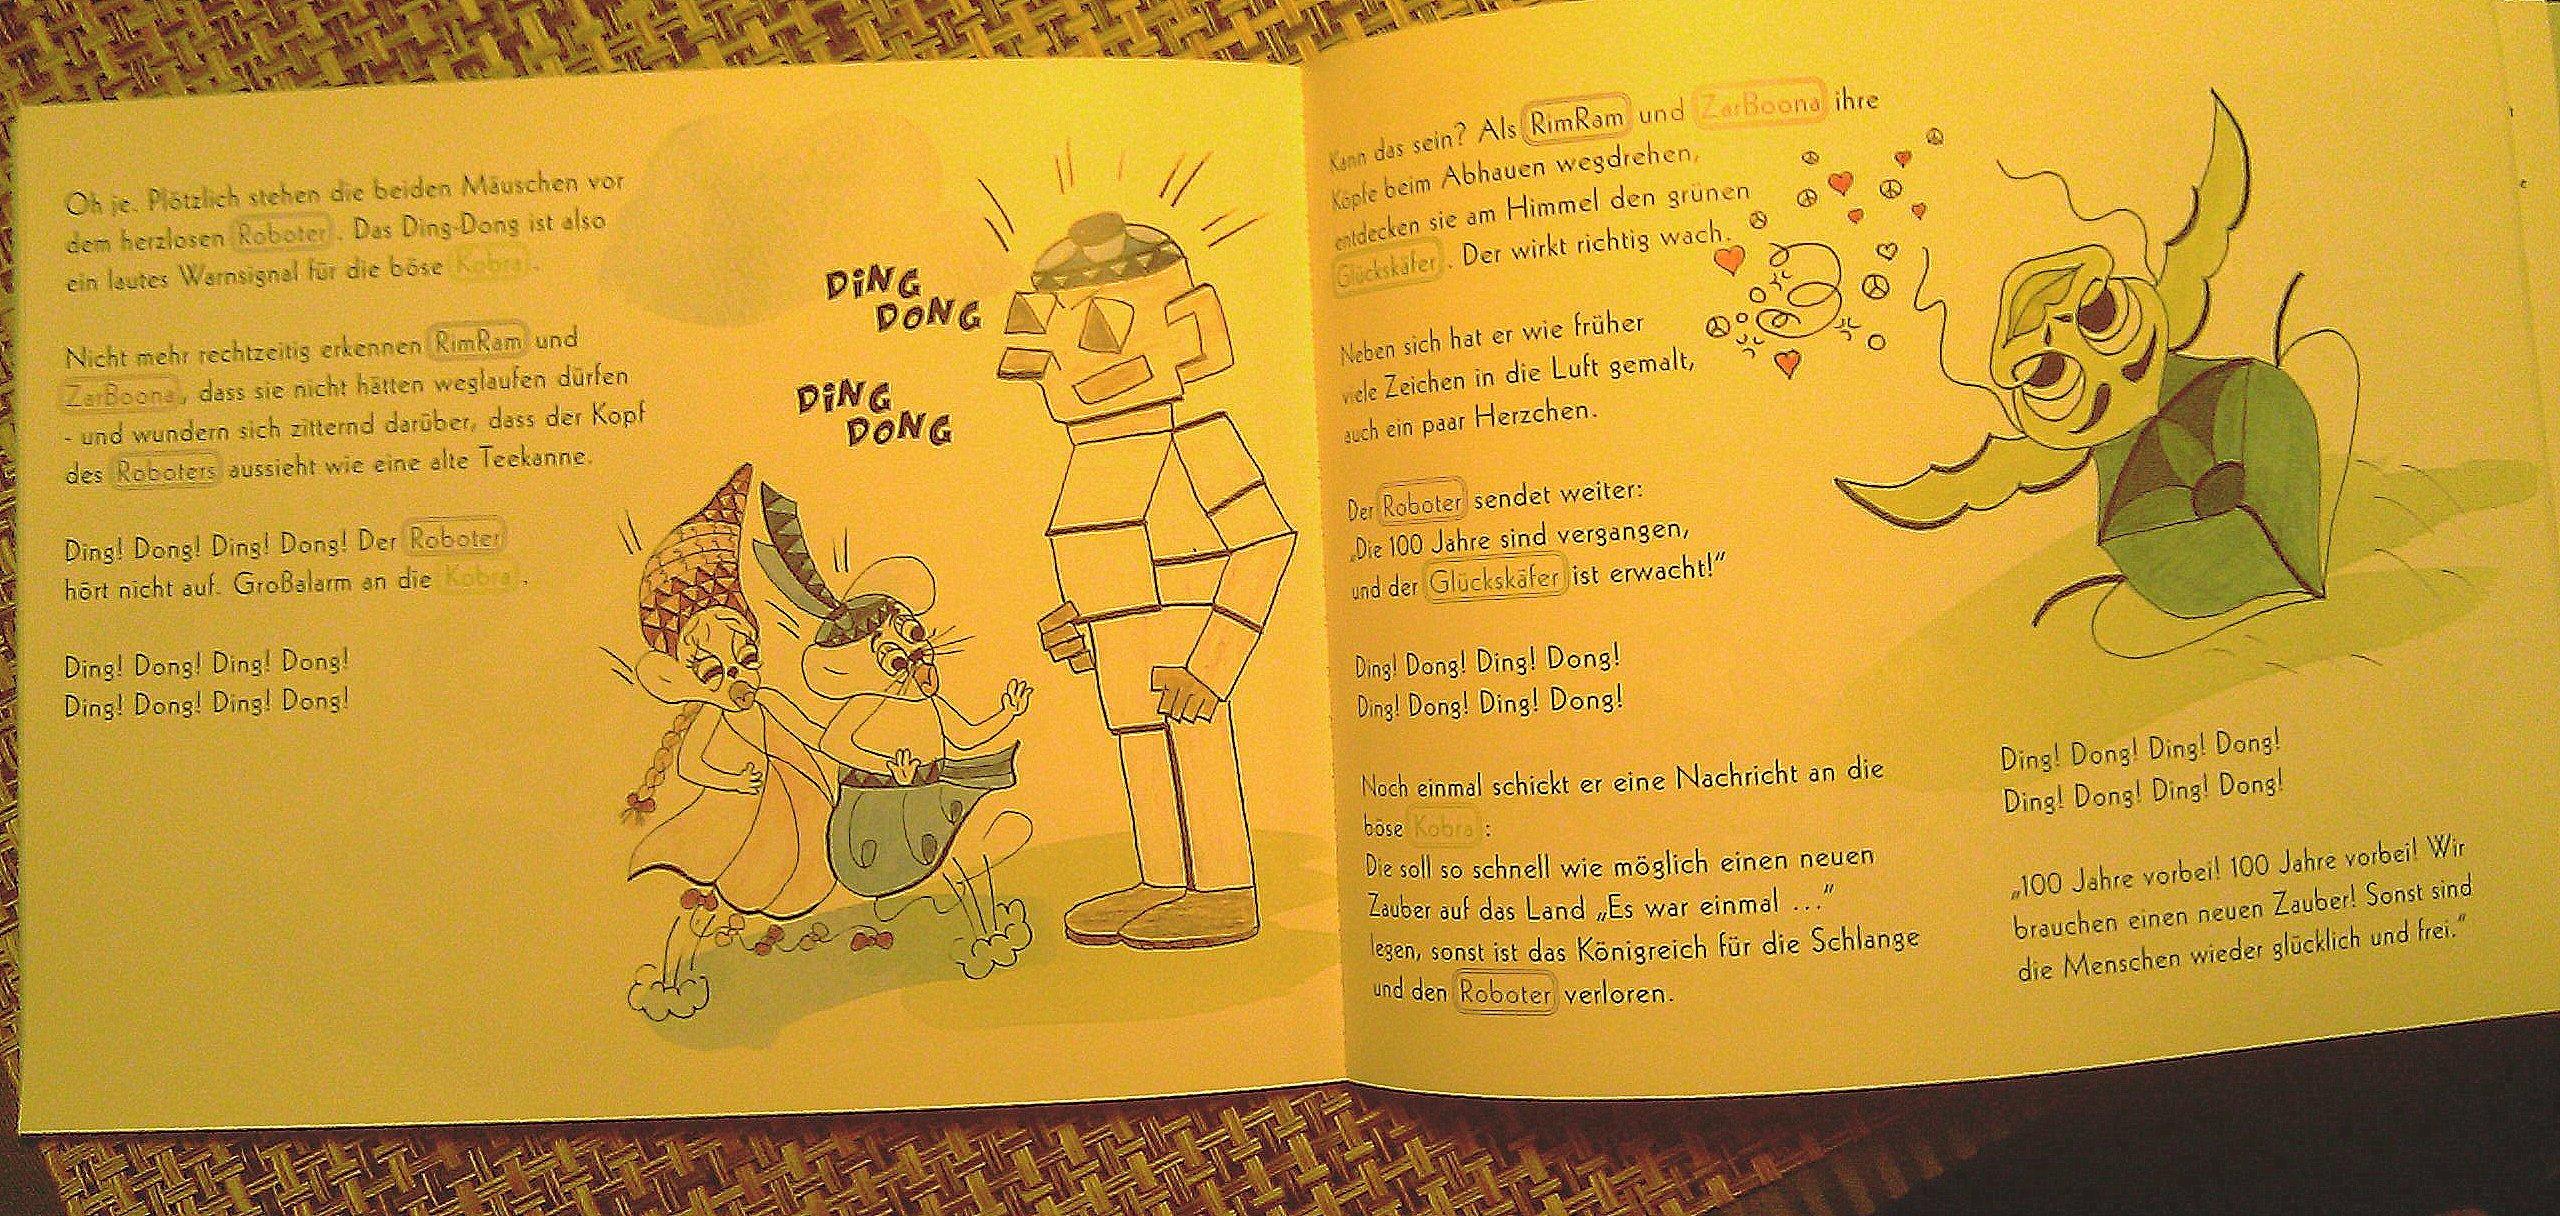 Karl-Heinz Smuda übernimmt in Berlin das Korrekturlesen von Manuskripten für Kinder.